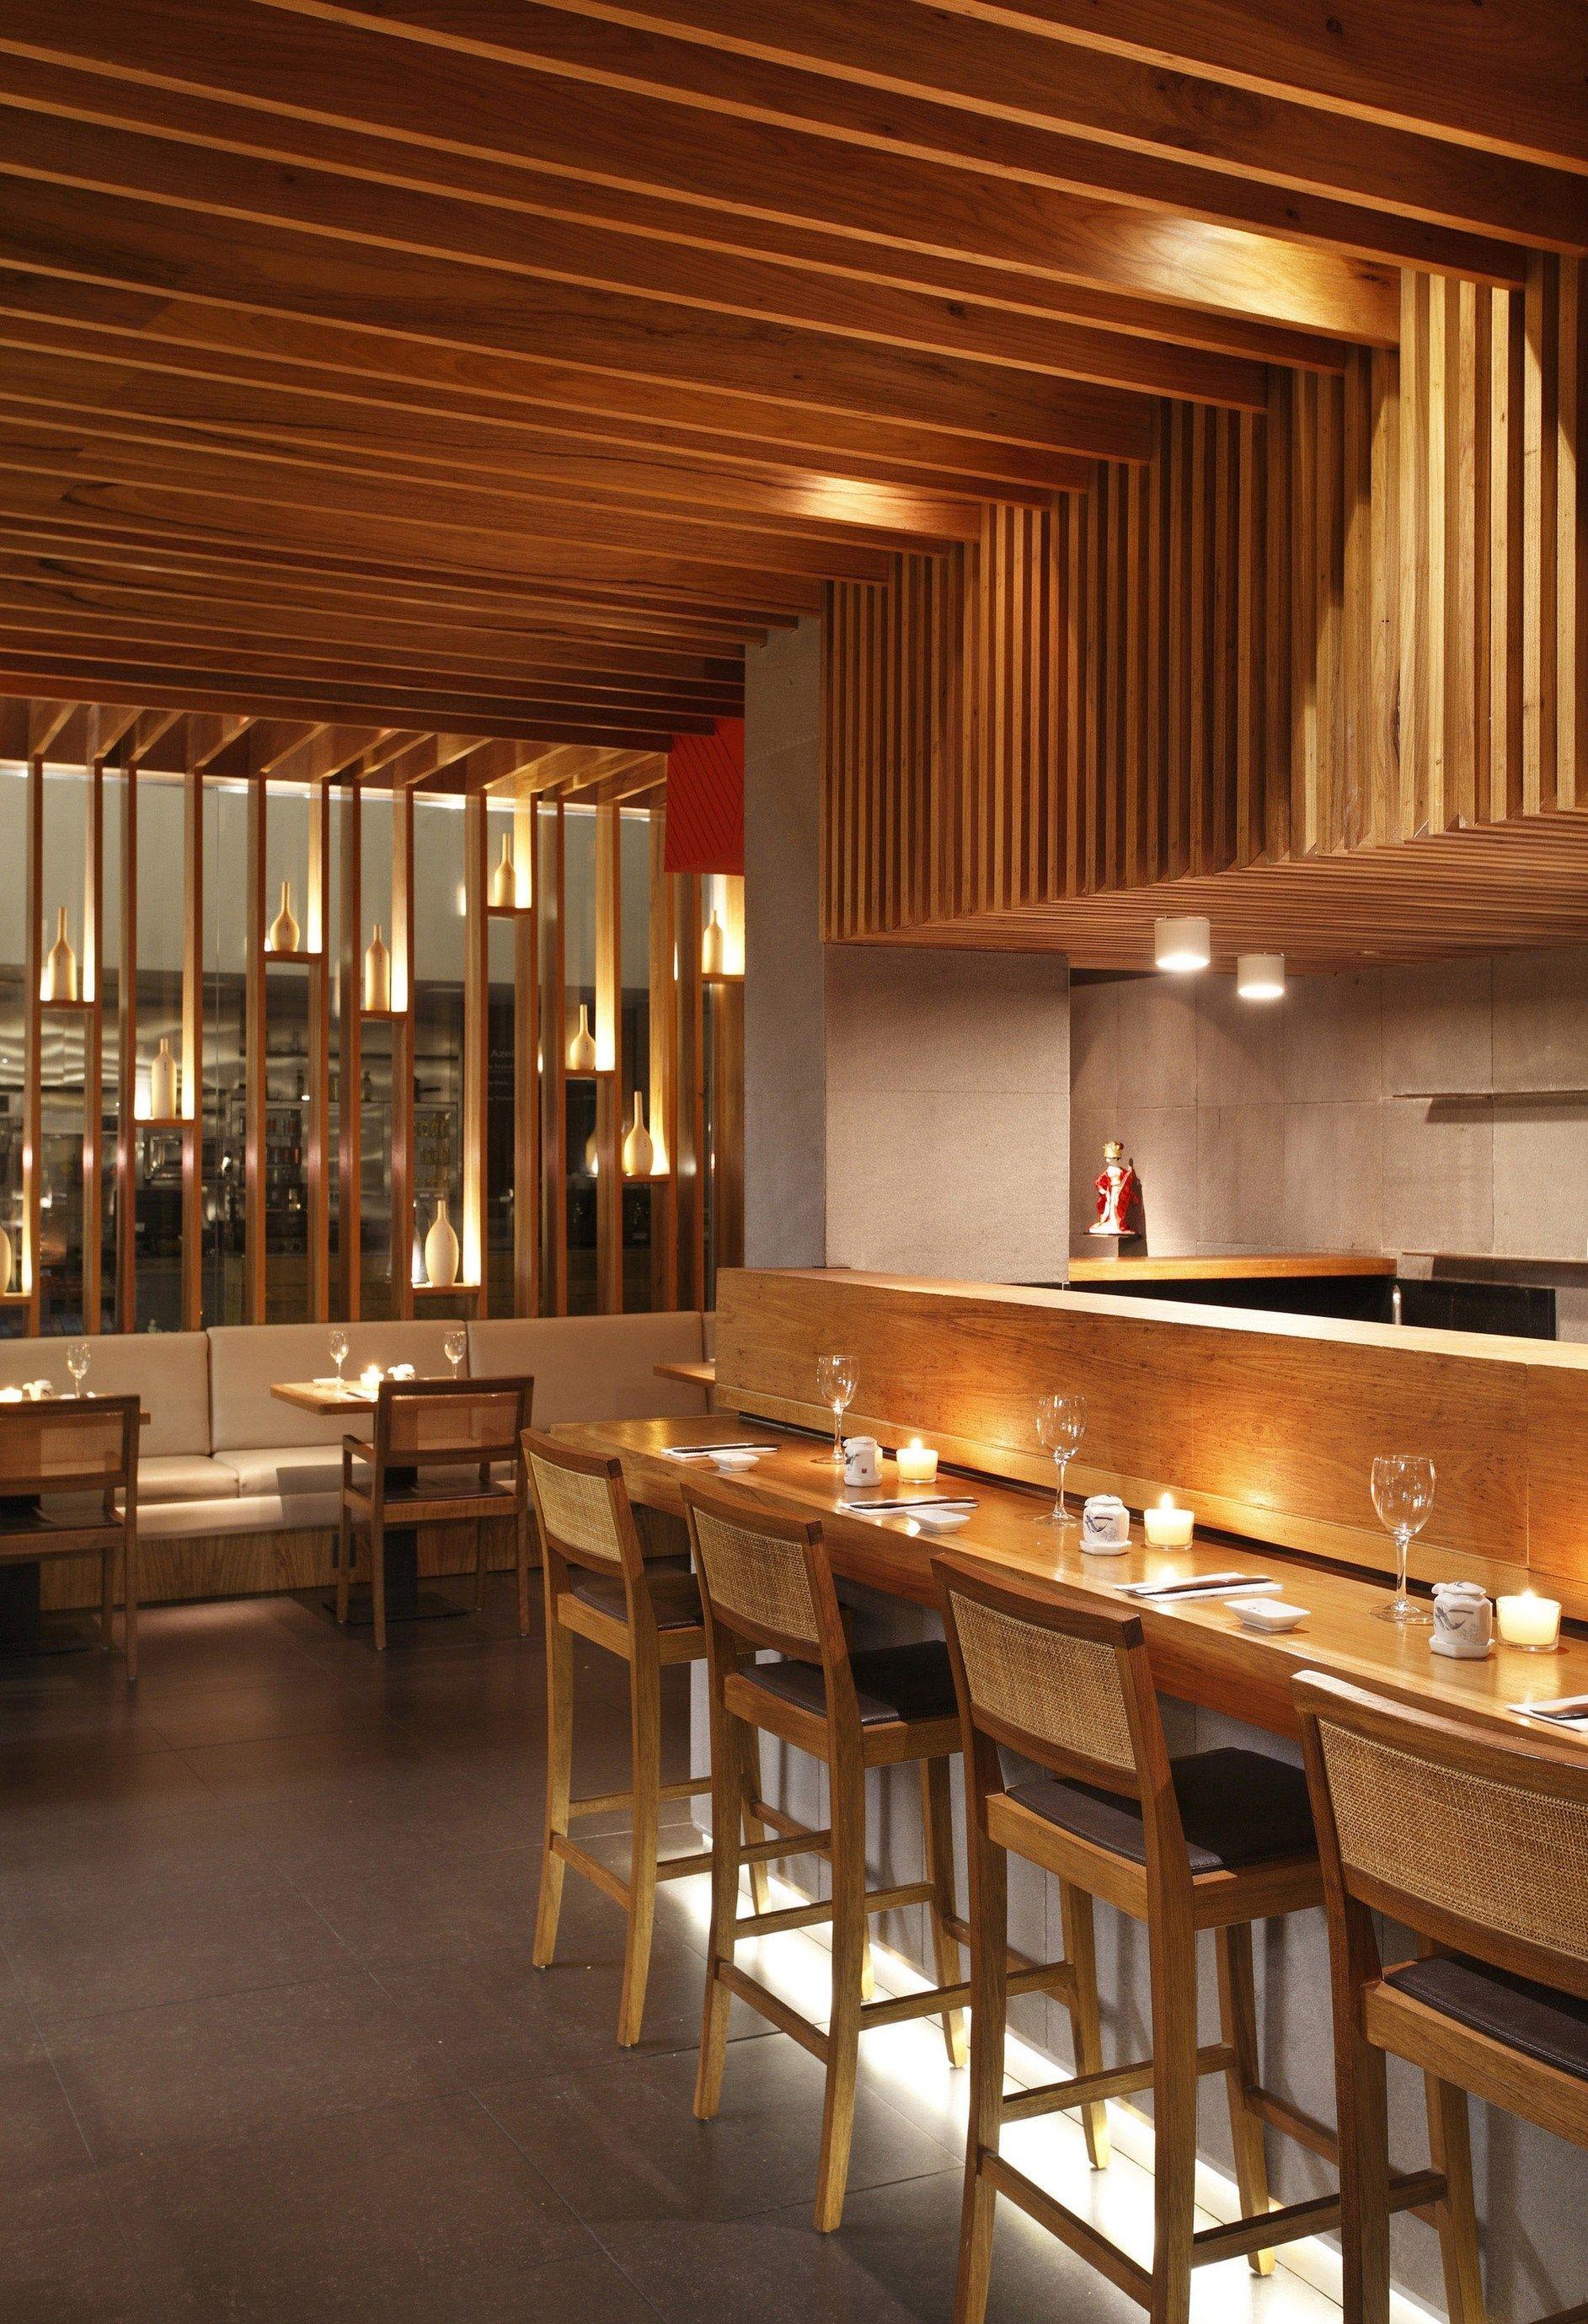 Kotobuki restaurant architects ivan rezende